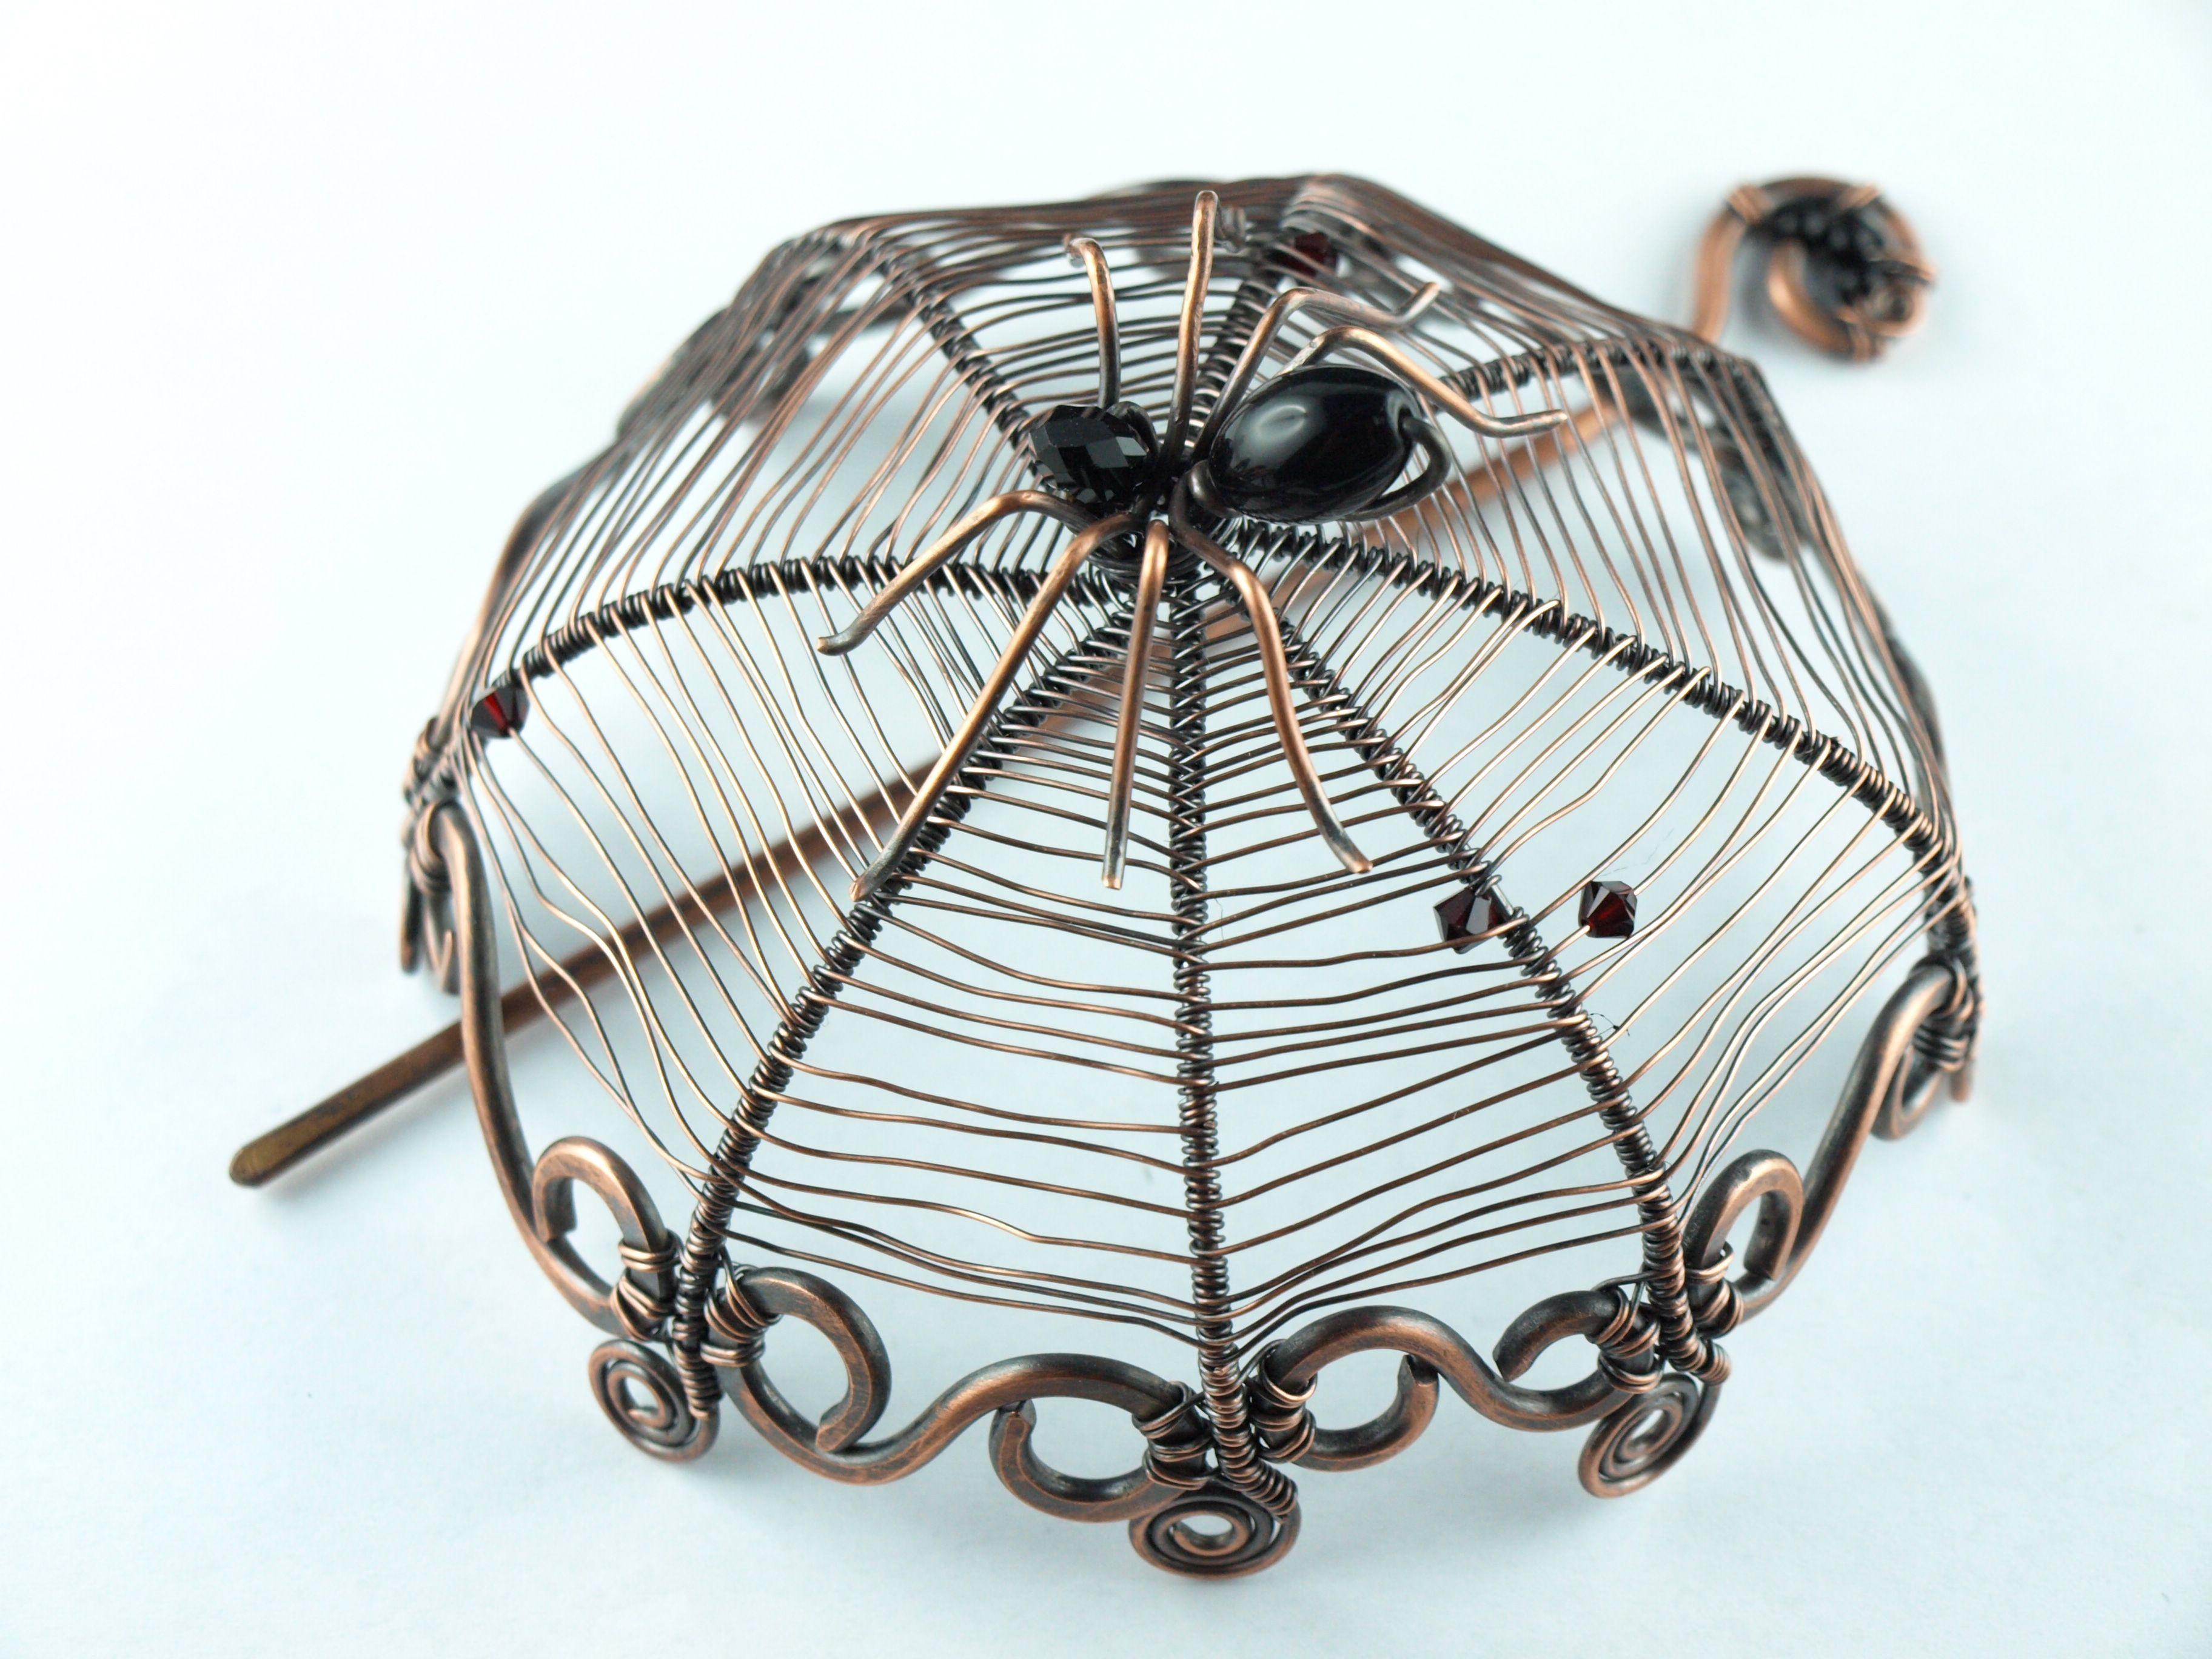 Spinne Onyx wire work spider | Wire work - Haarschmuck | Pinterest ...